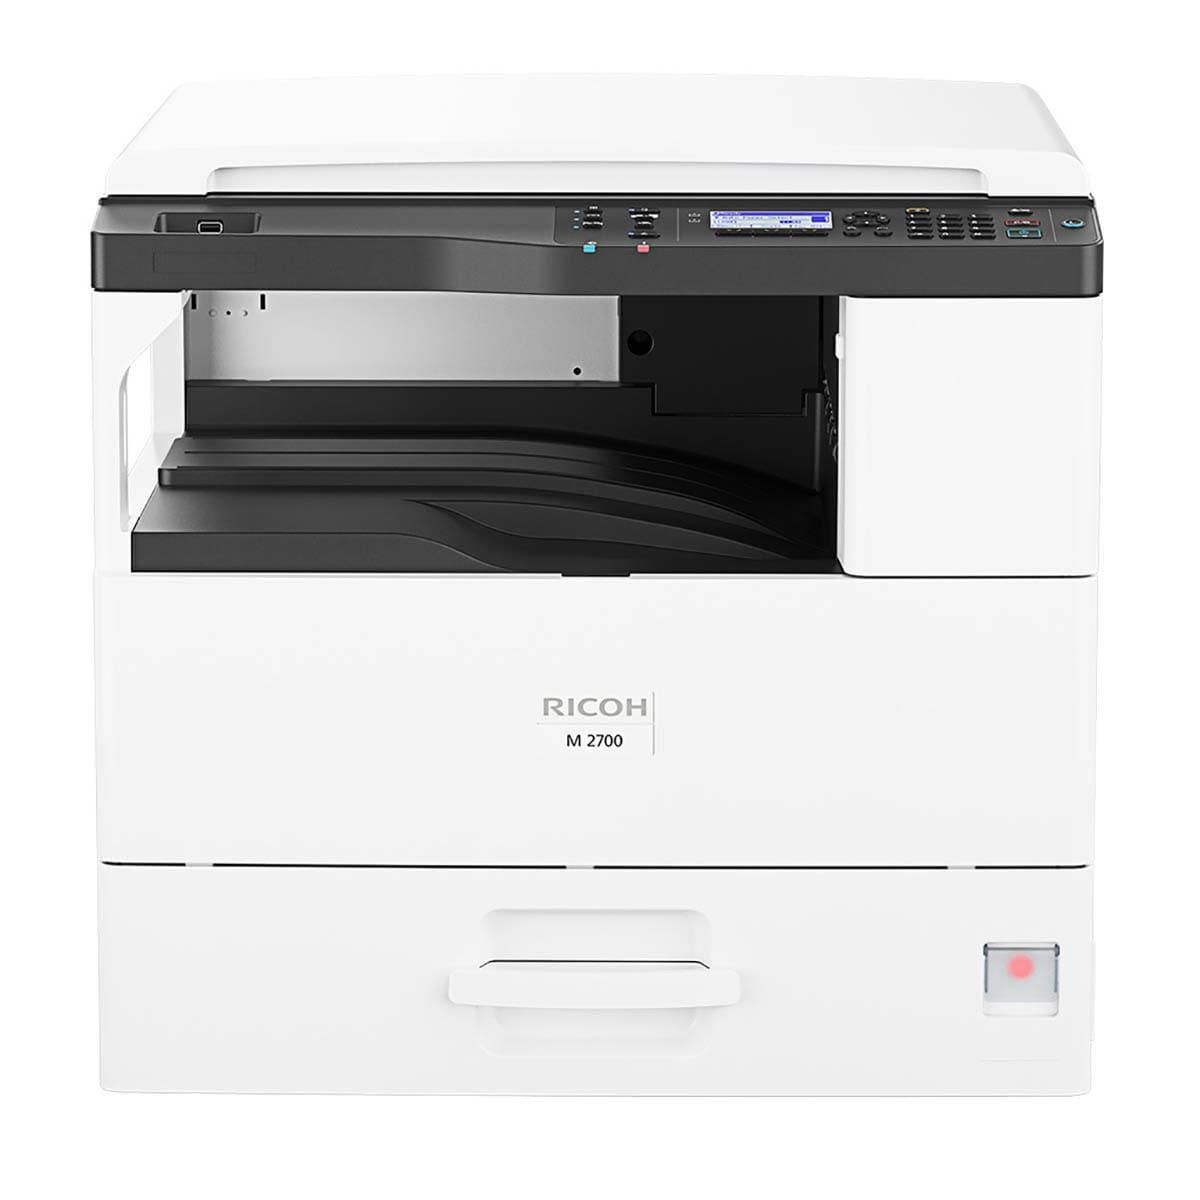 دستگاه کپی چندکاره M2700 ریکو محصول شرکت «ریکو» (Ricoh) است ، این شرکت همواره در زمینه چاپ و کپی یکی از بهترین گزینه های بازار محسوب میشود.bia2takhfif